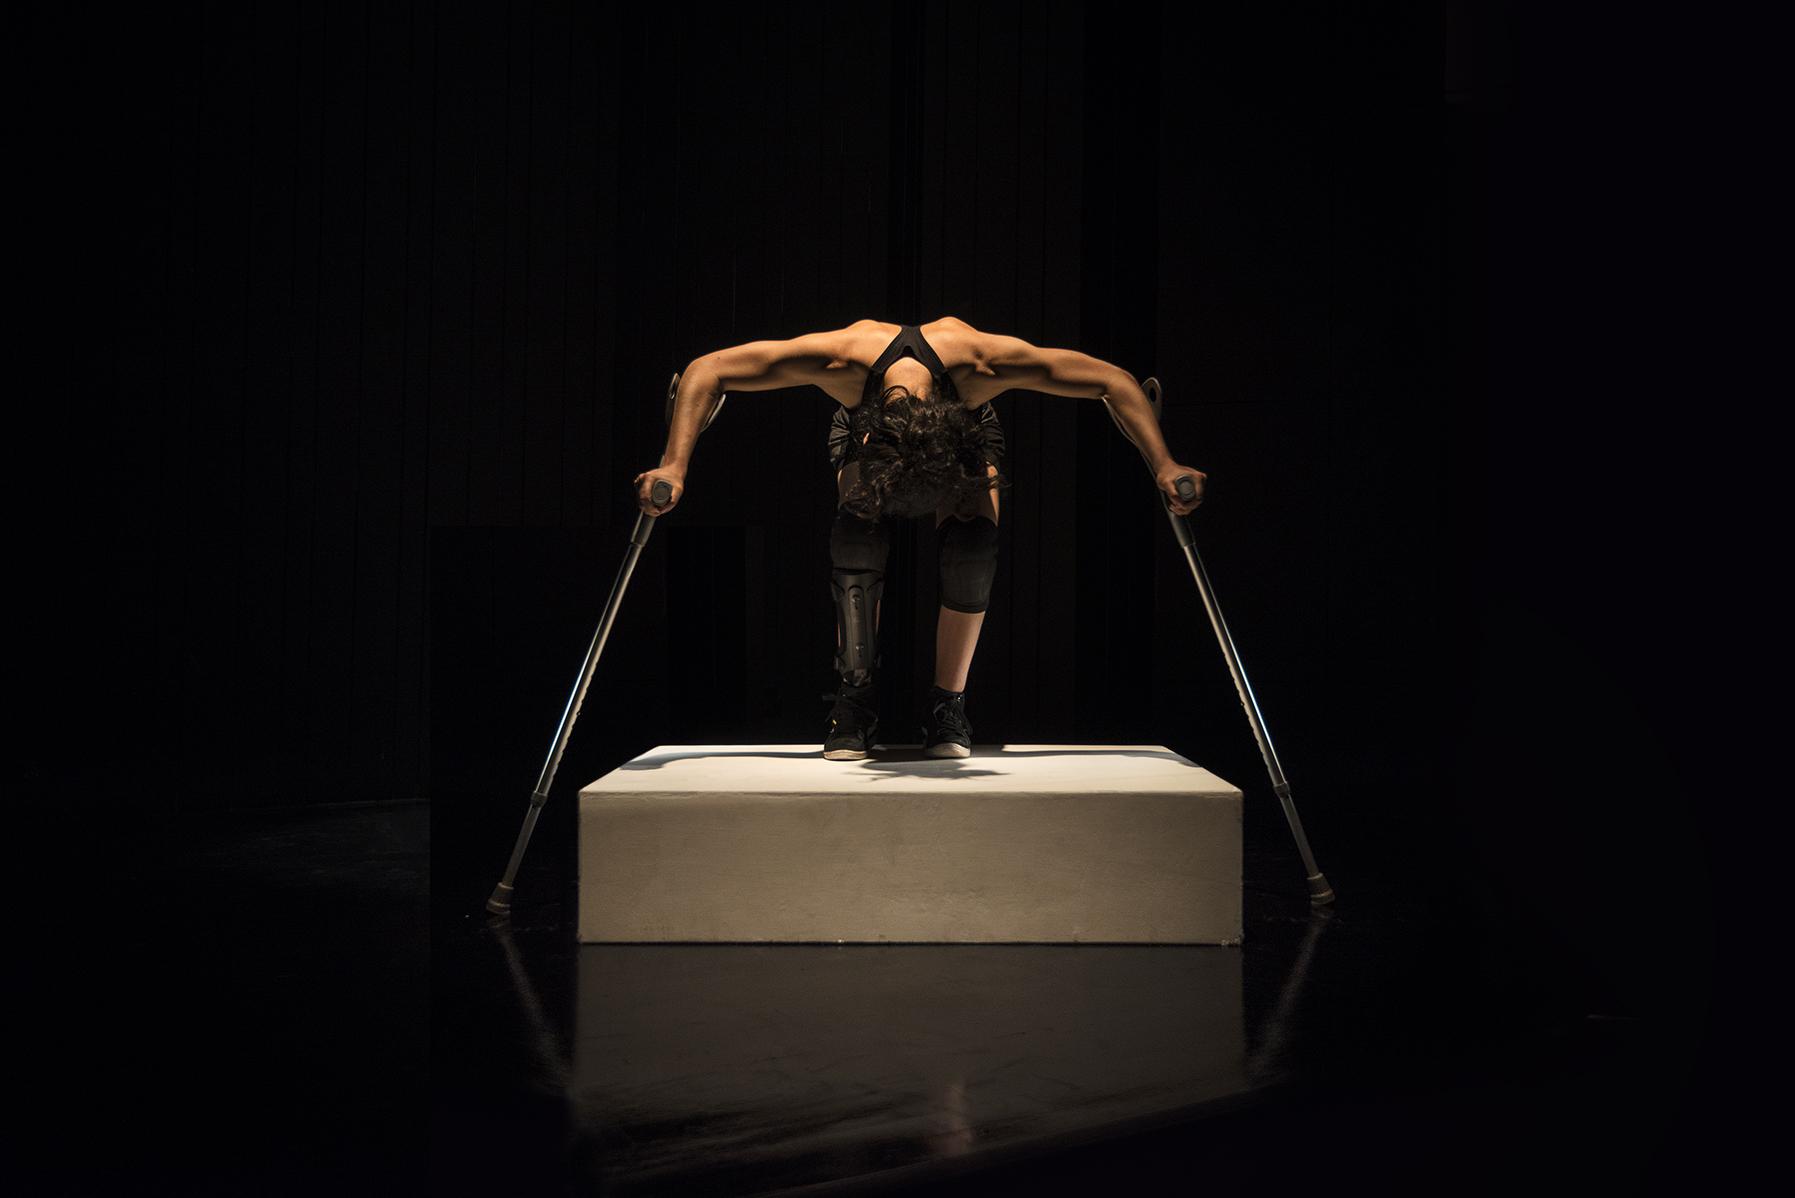 Docentes de Danza participarán en el II Certamen Coreográfico Escena Mobile en Sevilla